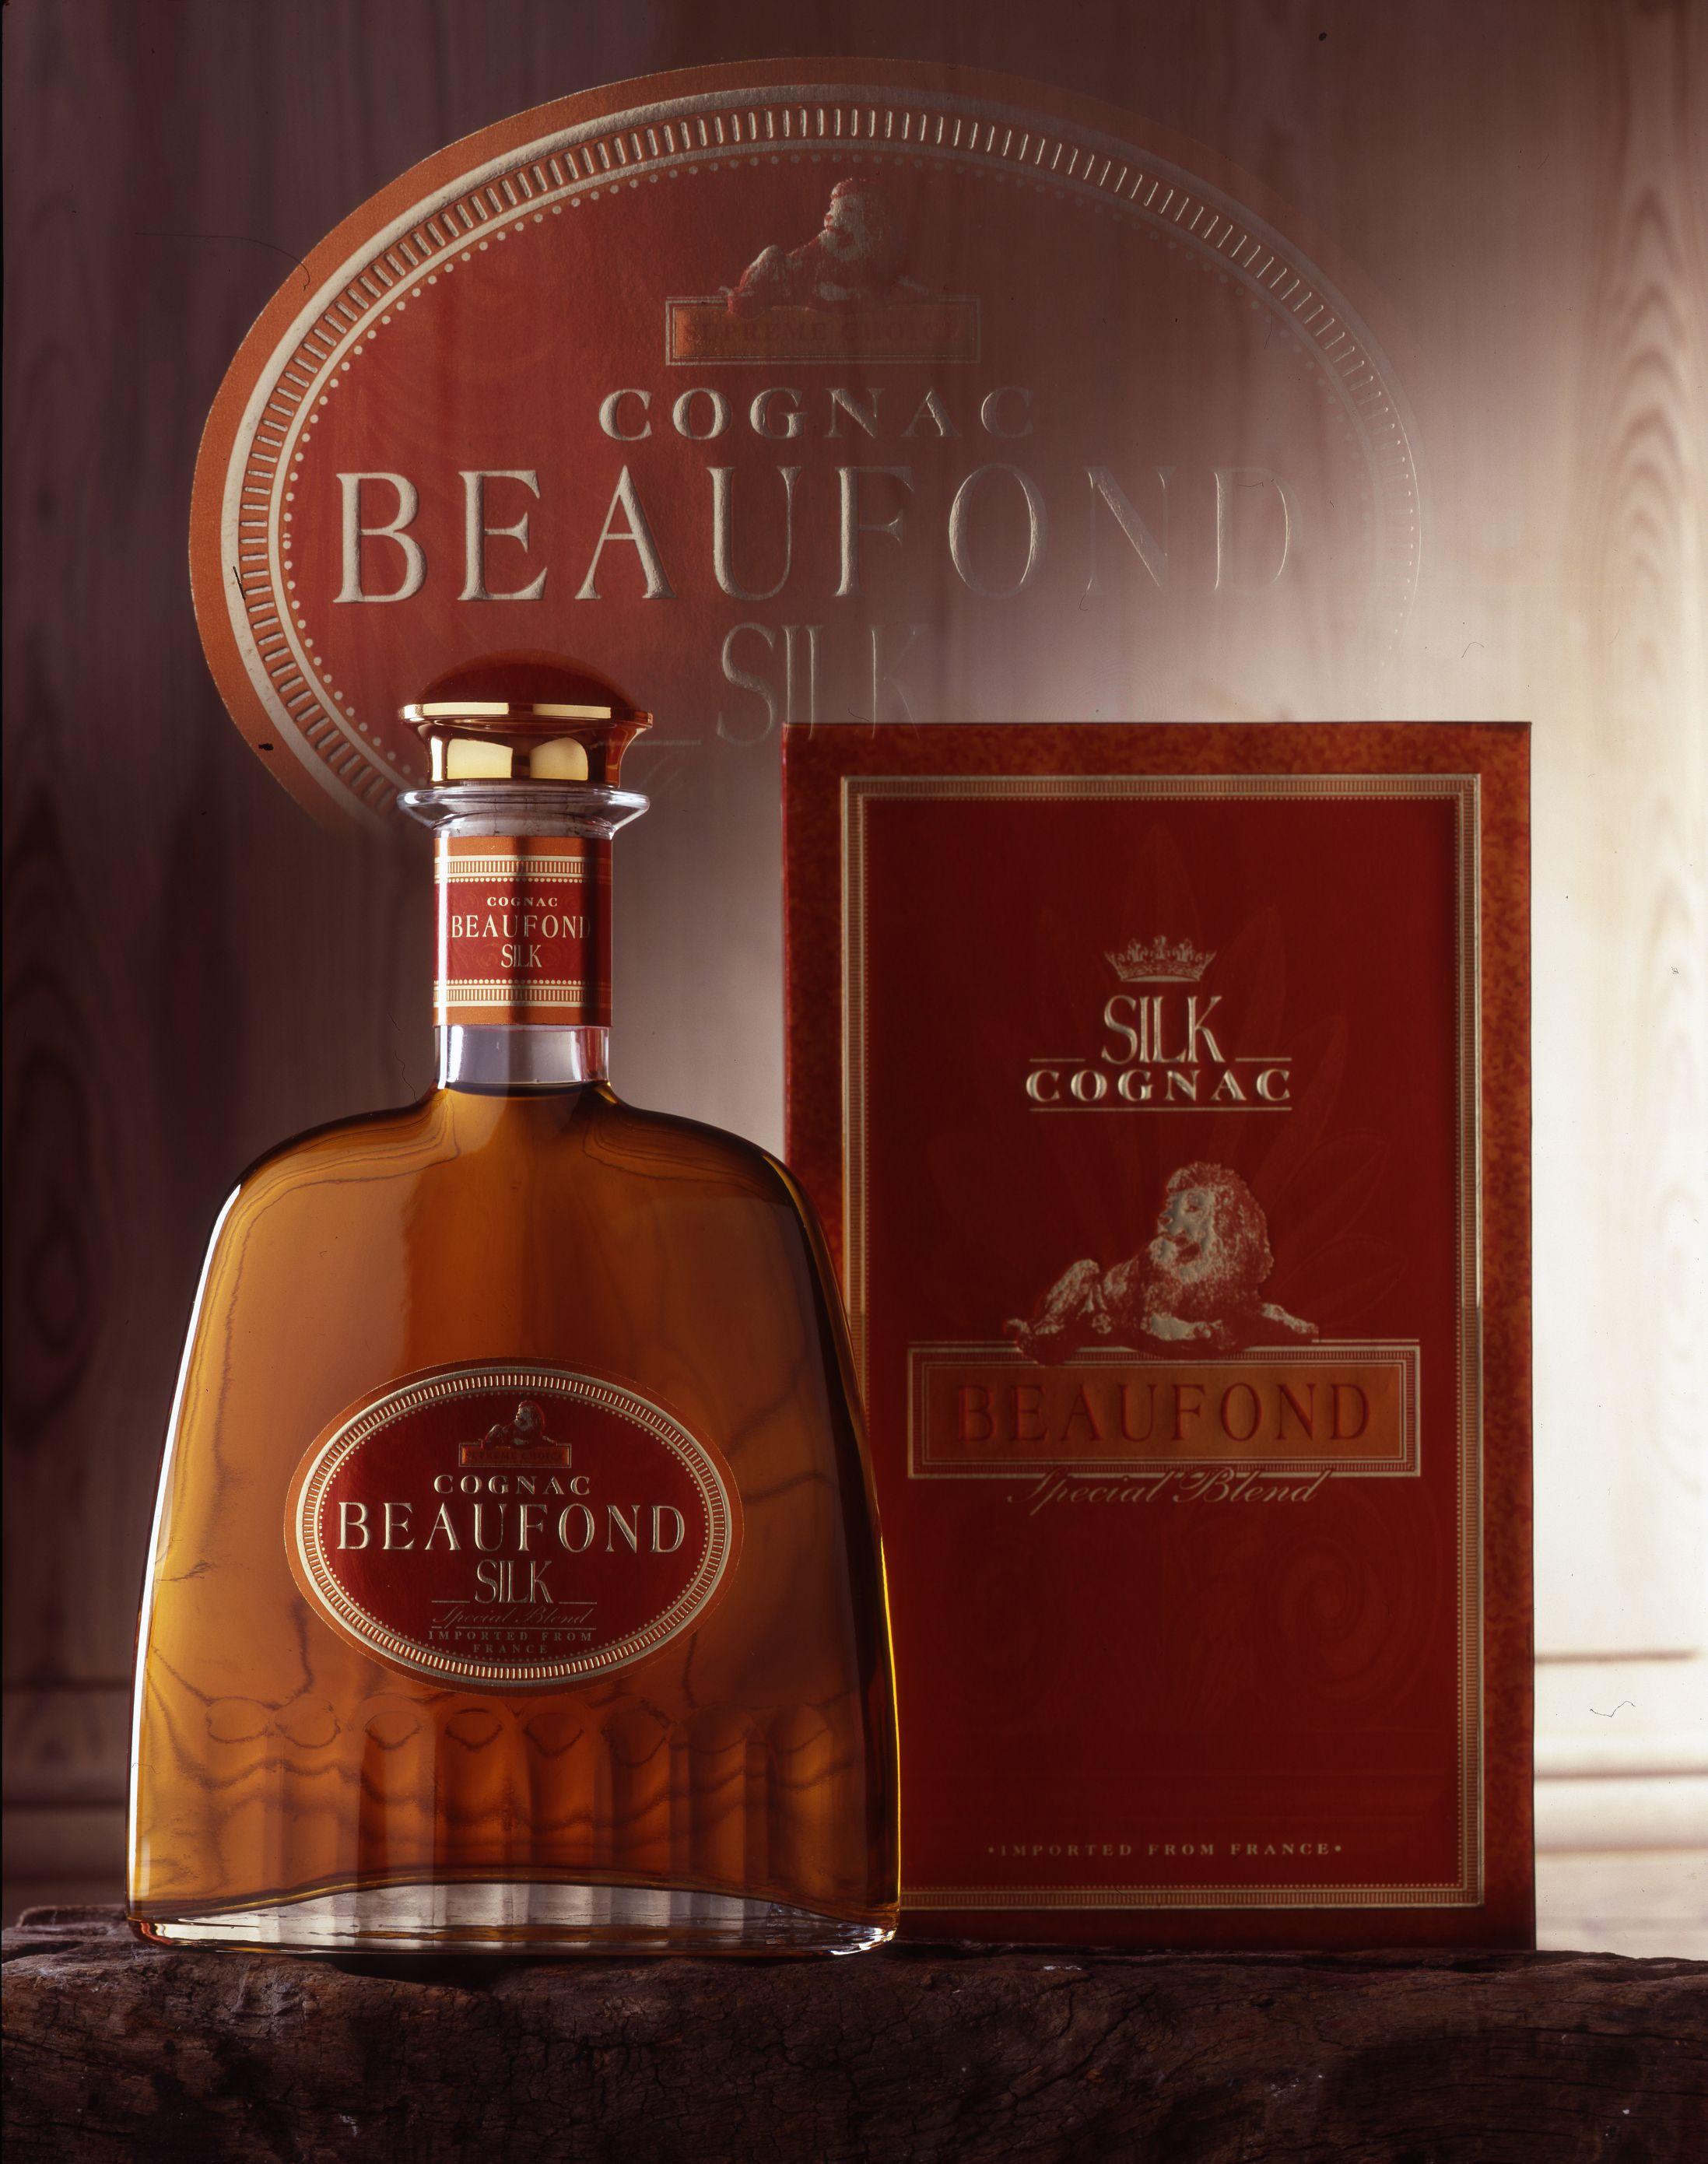 Beaufond Silk Liquor Bottles Bottle Perfume Bottles